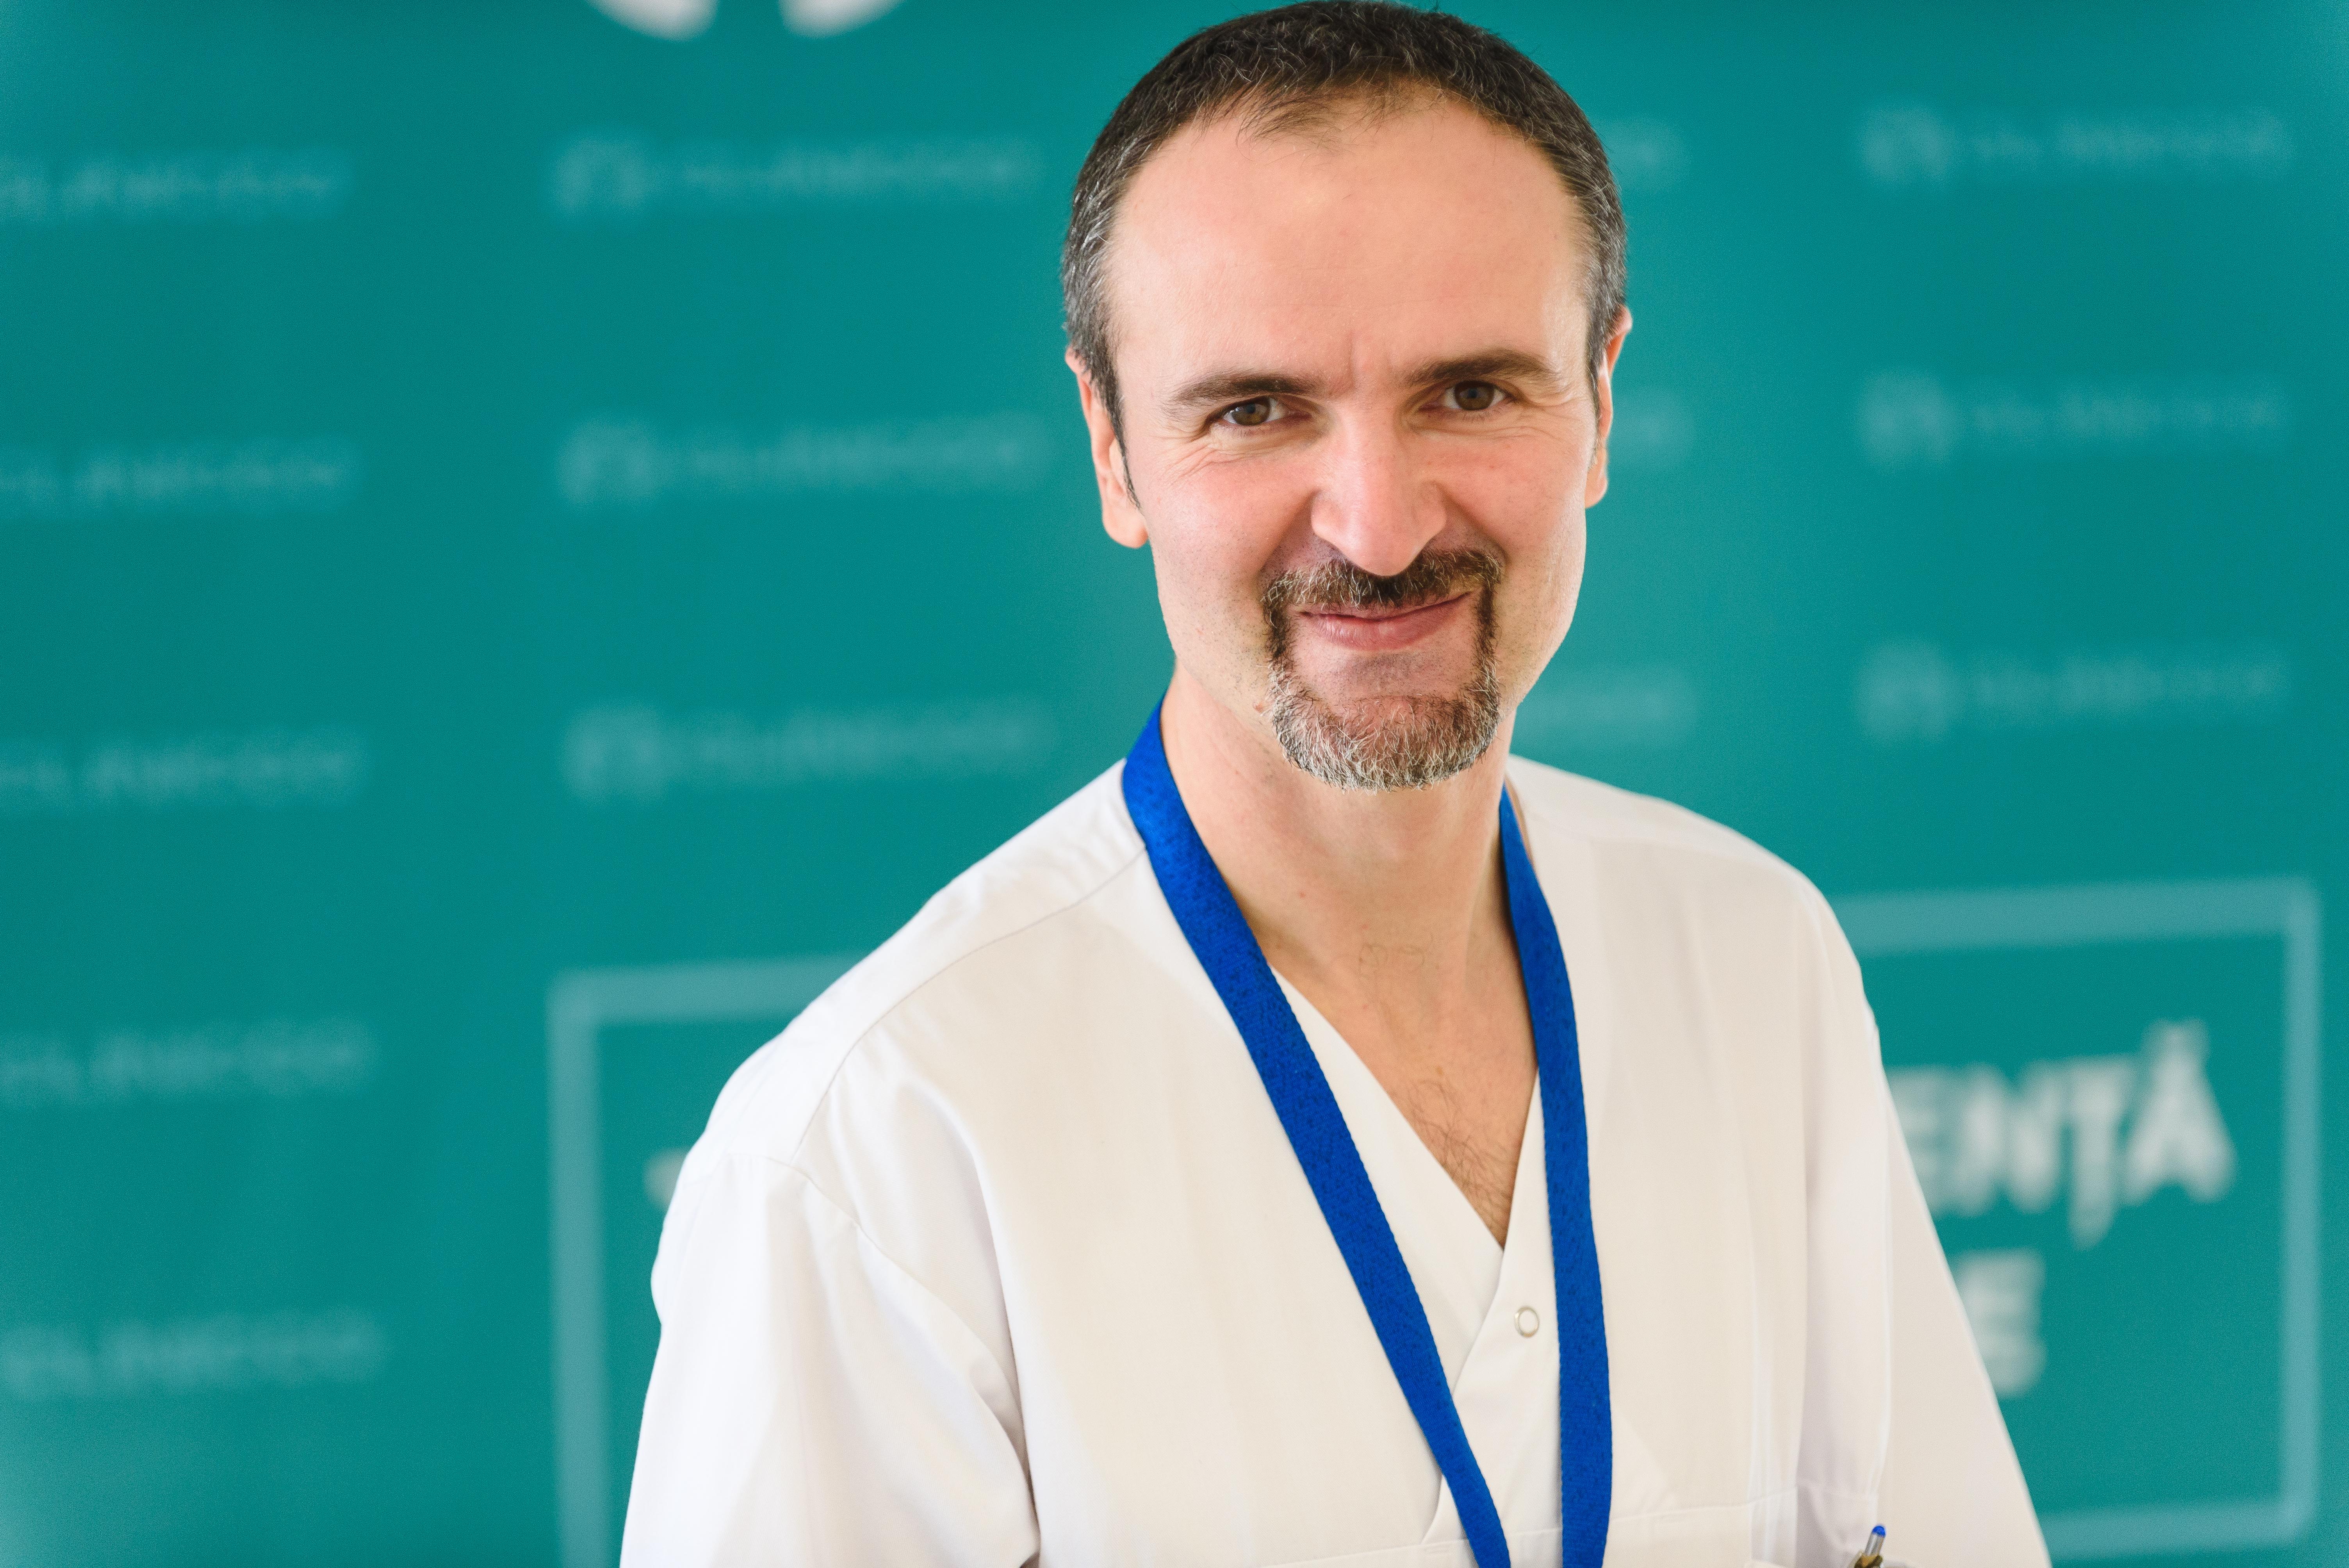 Nu am întâlnit o persoană atât de înțelegătoare ca domnul doctor Loghinescu